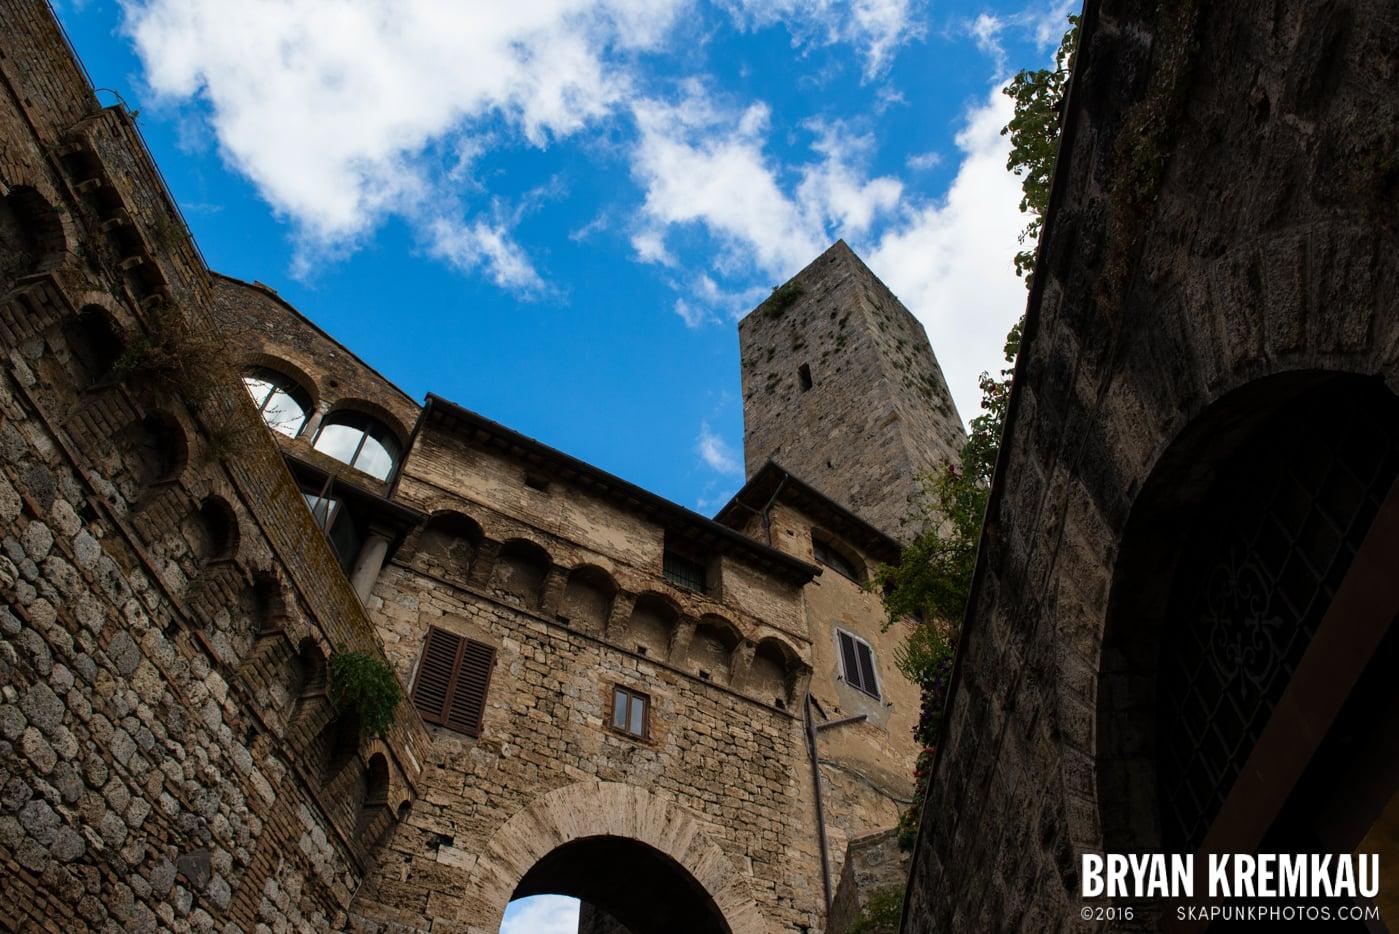 Italy Vacation - Day 8: Siena, San Gimignano, Chianti, Pisa - 9.16.13 (71)